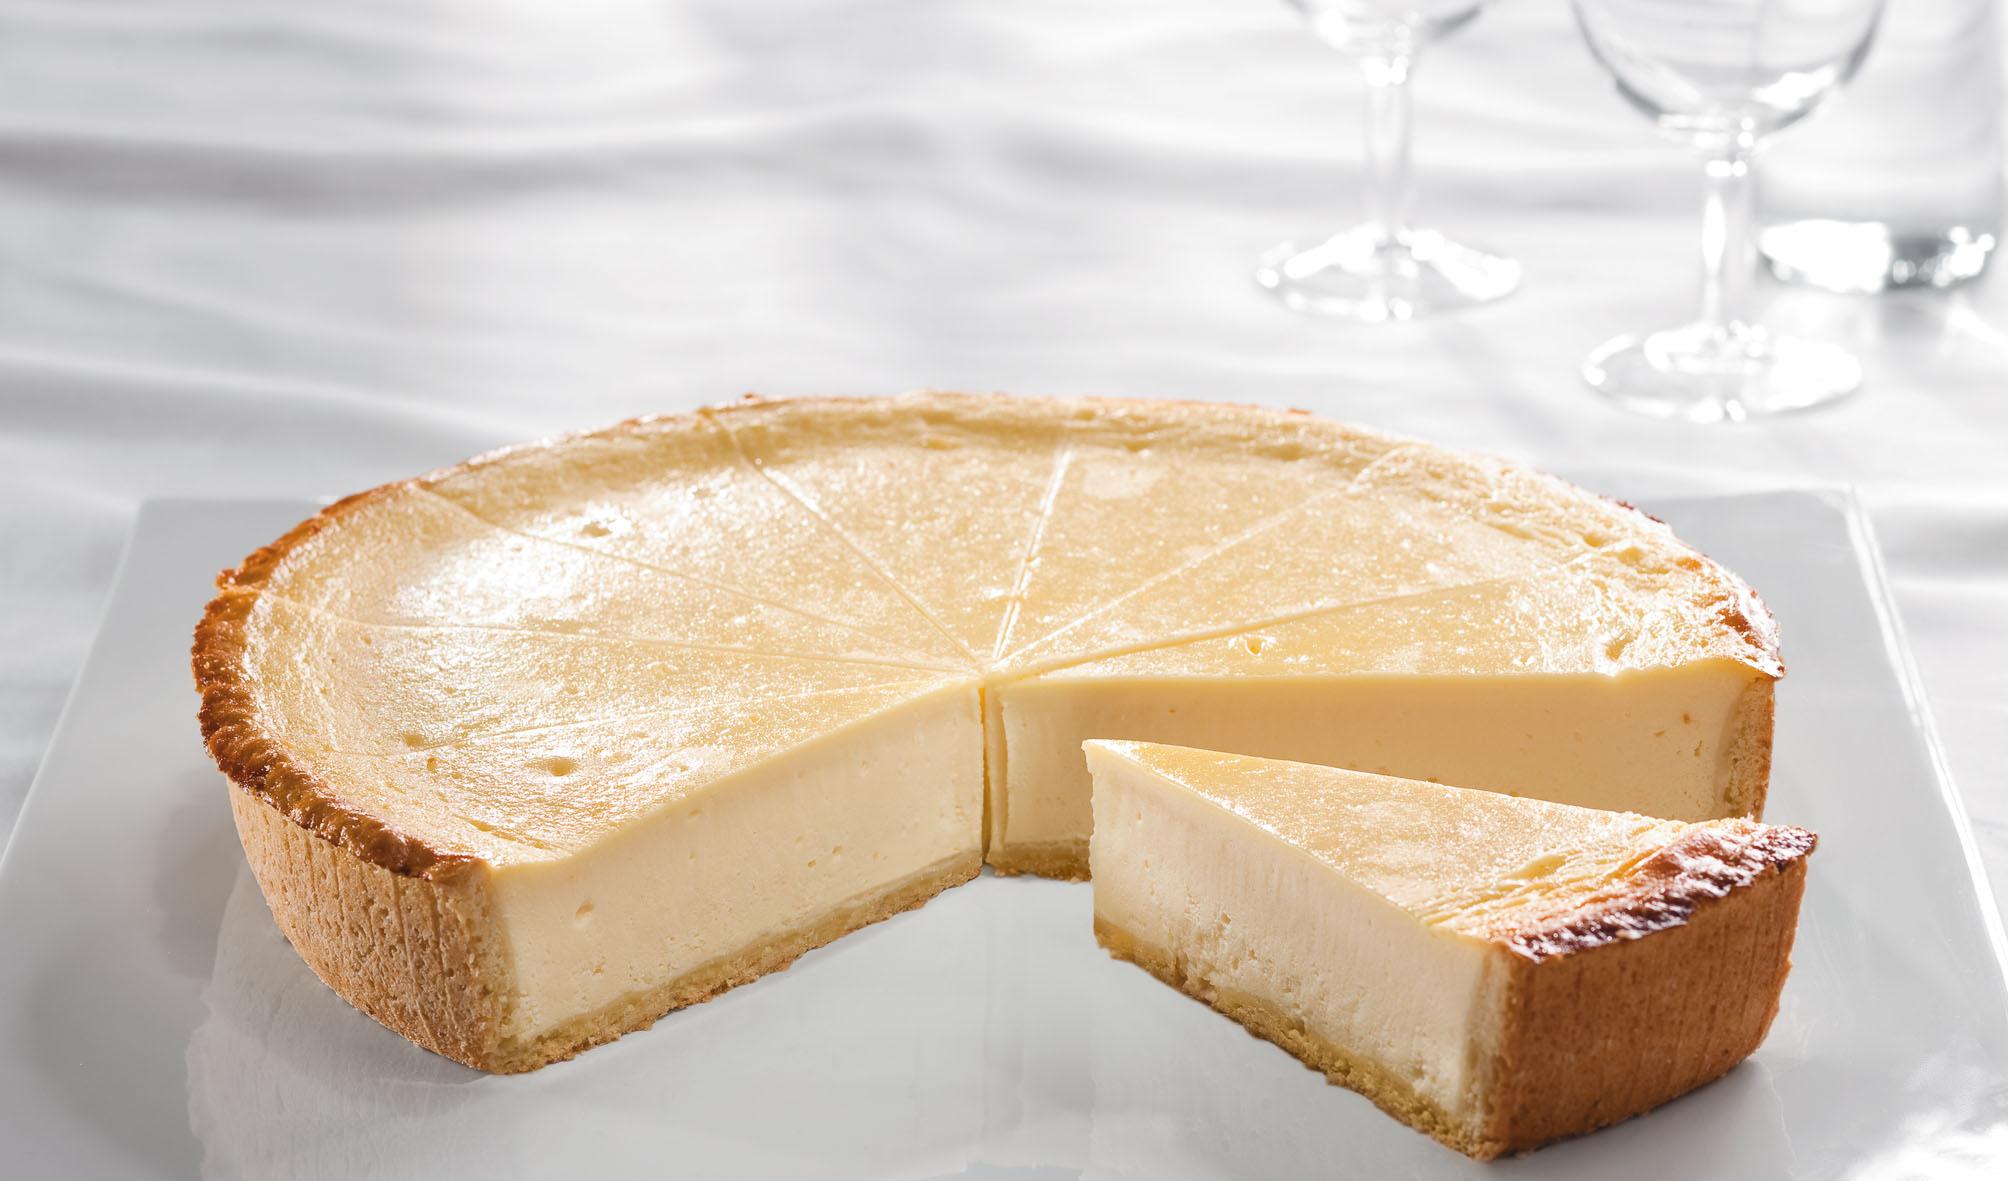 сырный чизкейк рецепт с фото пошагово сейчас постепенно